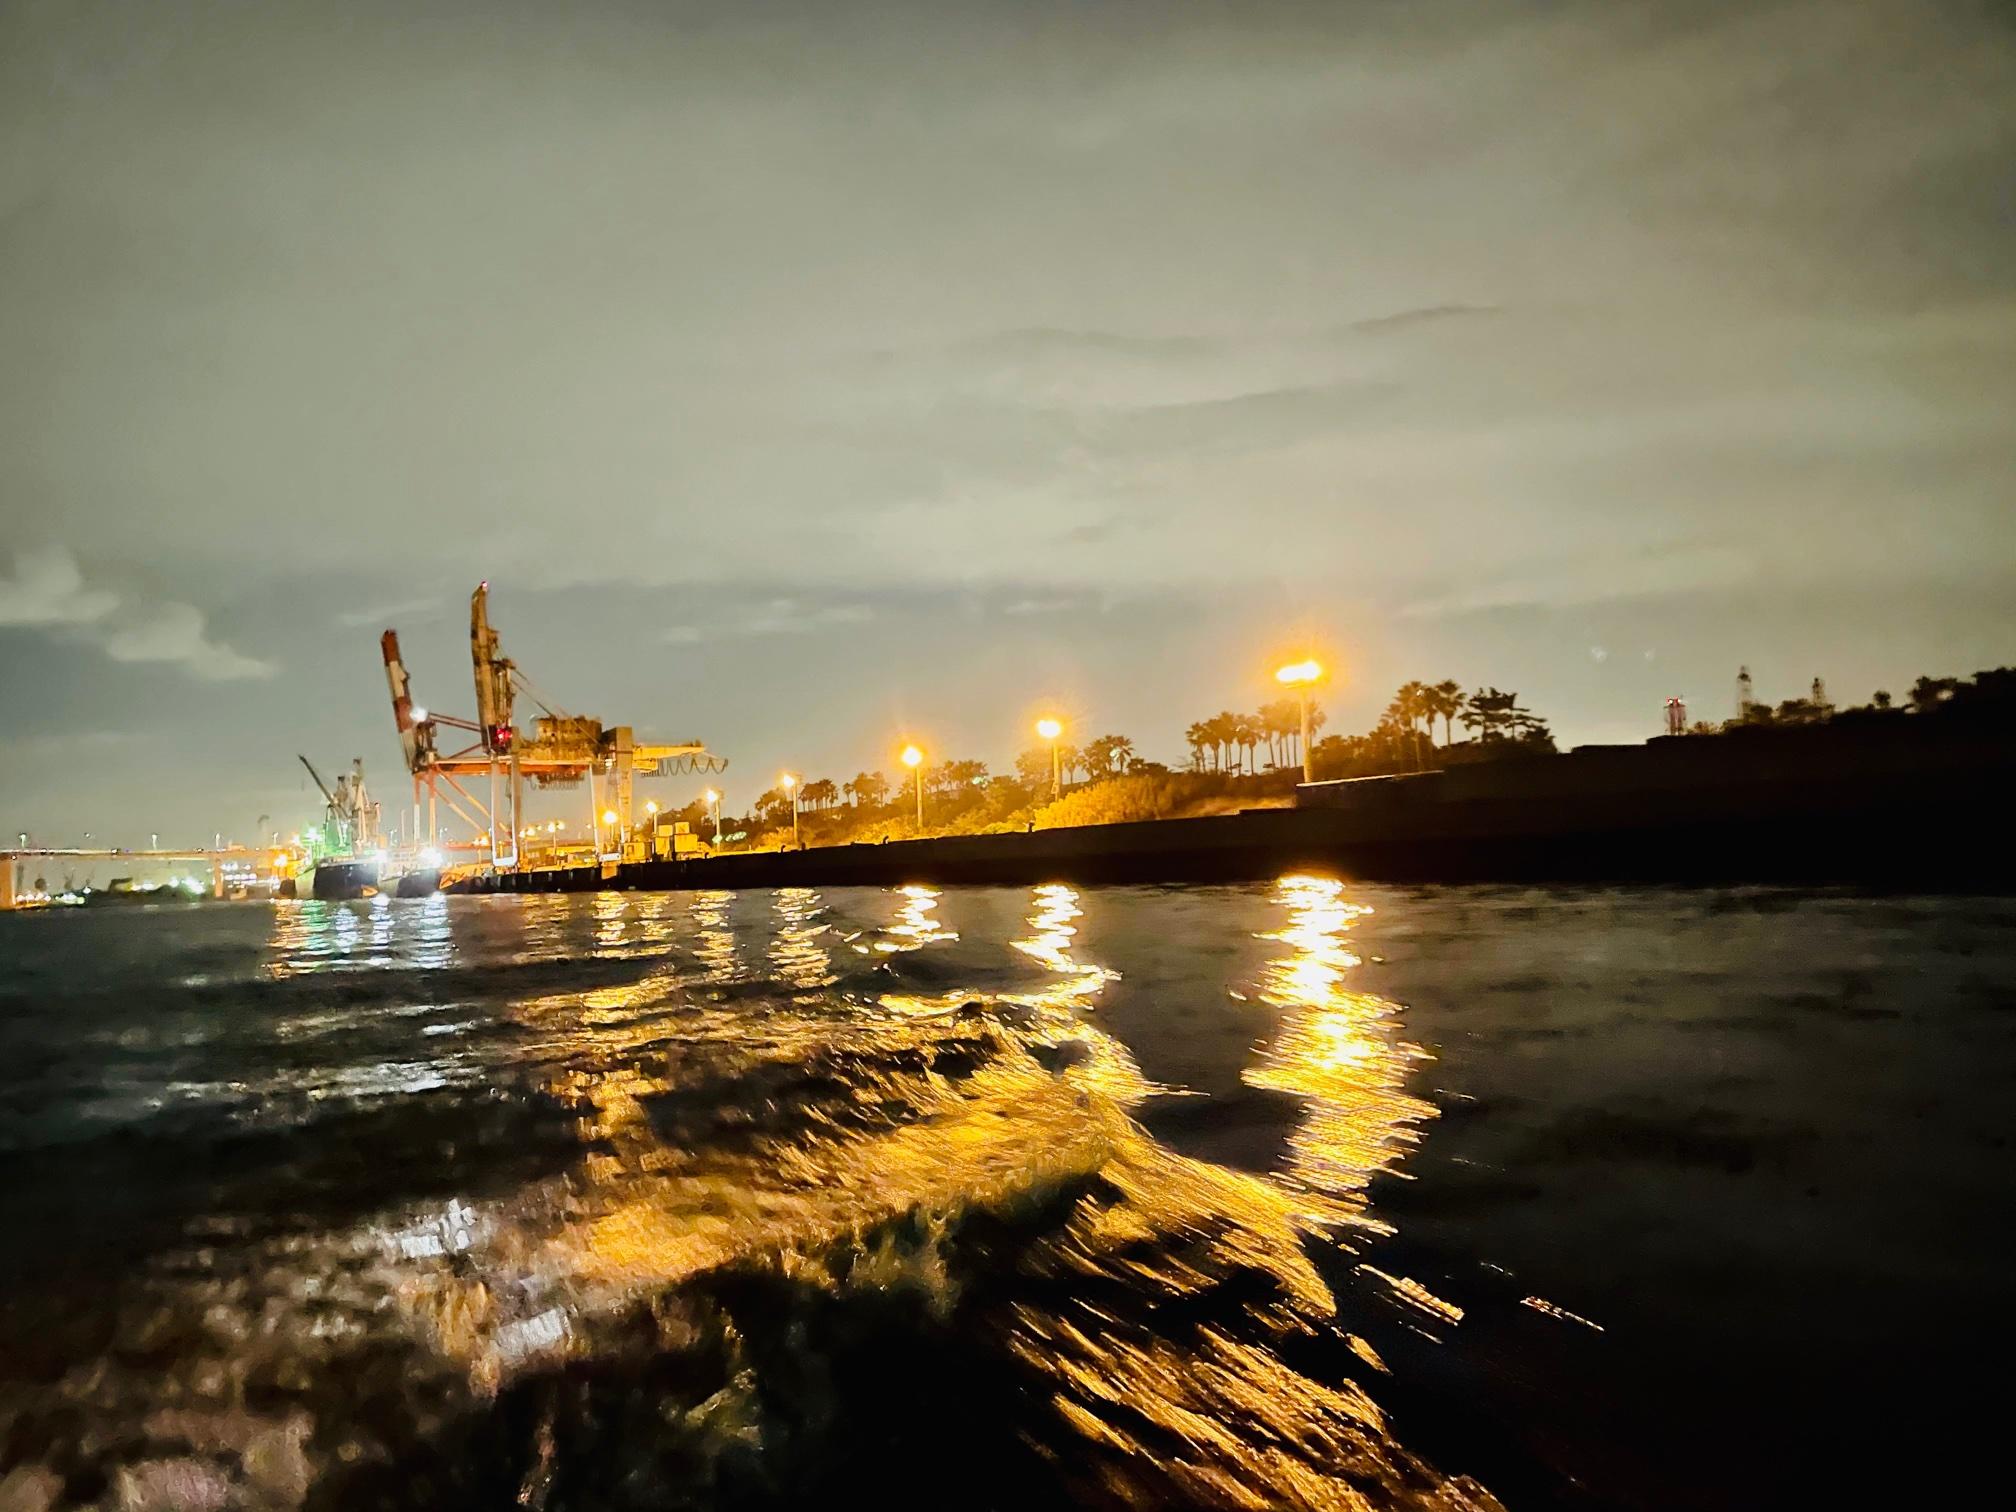 横浜ボートメバルは夜景がキレイ